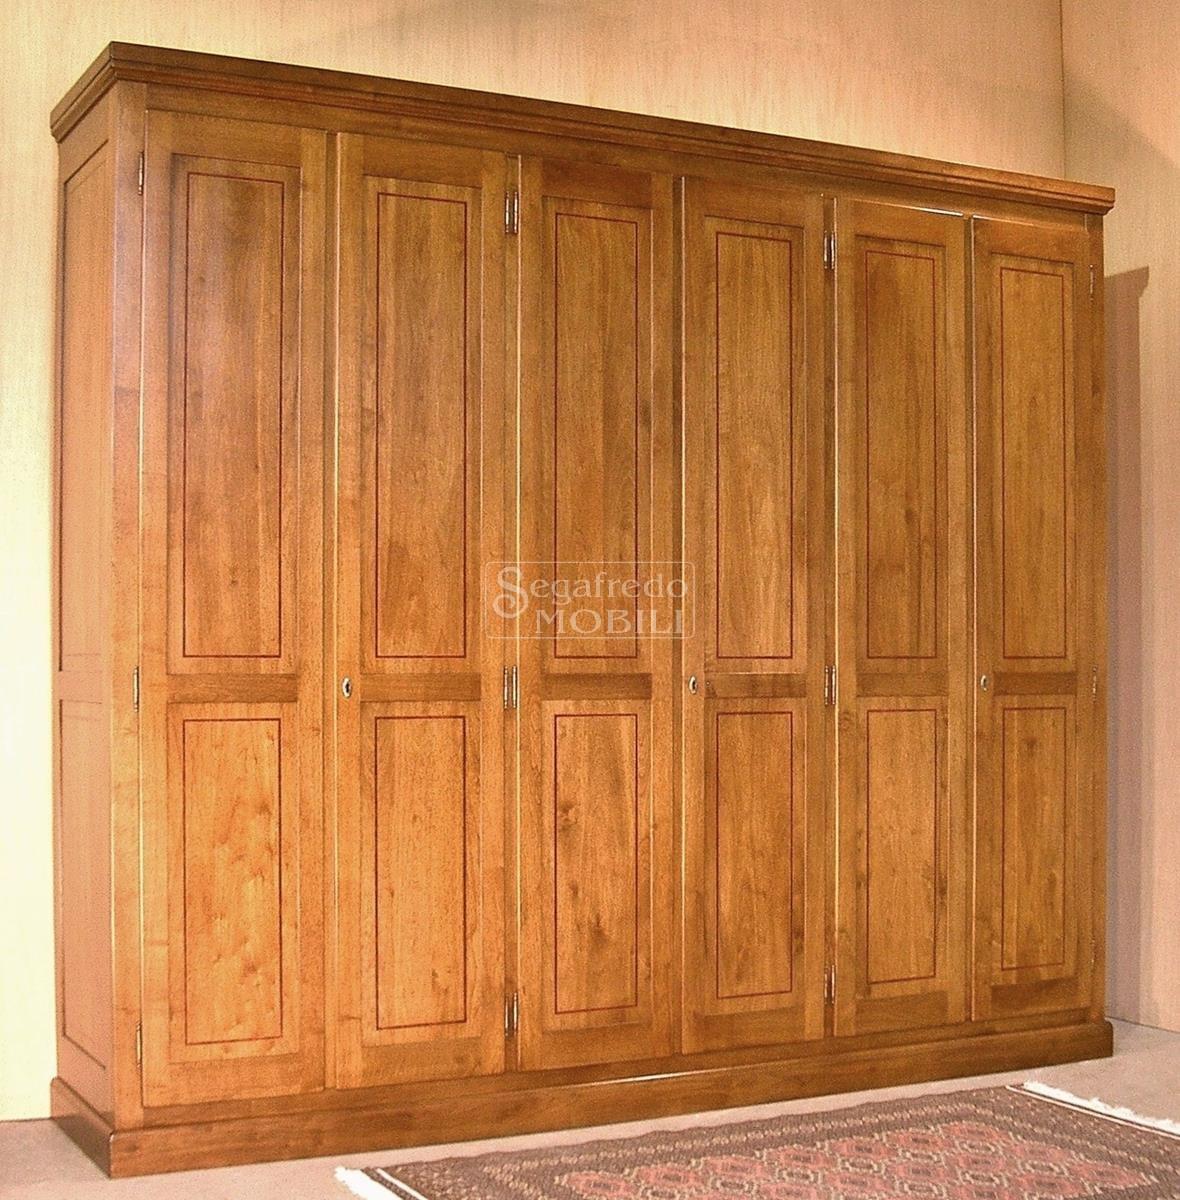 pannelli in legno intarsiato : Armadio in legno massello a 6 ante battenti con filetto intarsiato ...